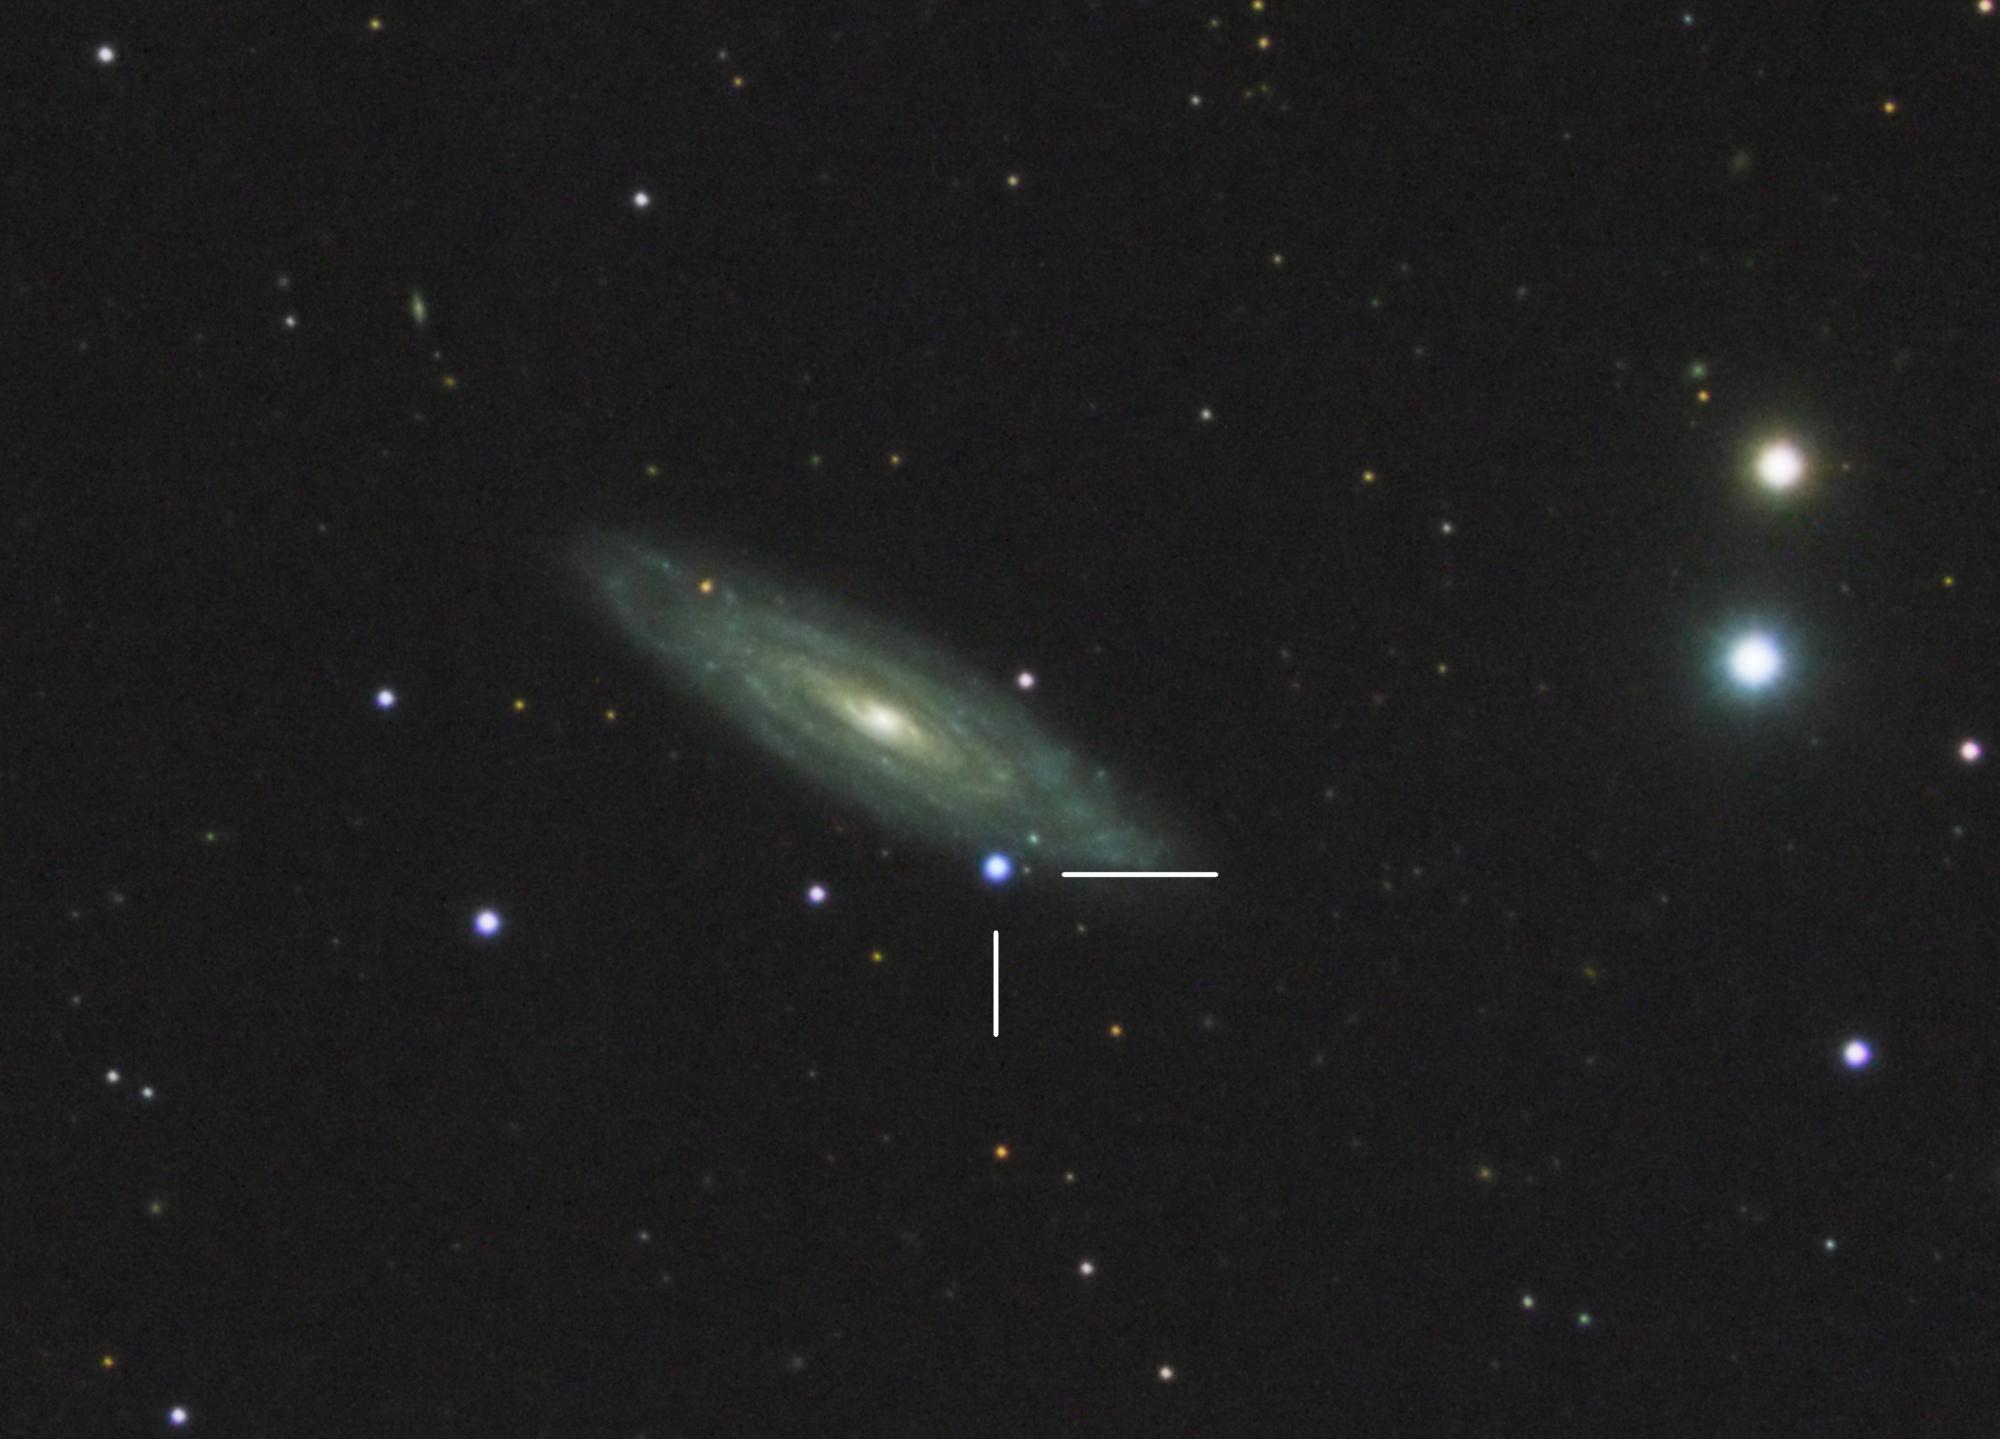 5c6687666229c_NGC3254SN2019npcroppeJean-BriceGAYET.thumb.jpg.c5a6909faf5d794ebb449a819cc183f1.jpg